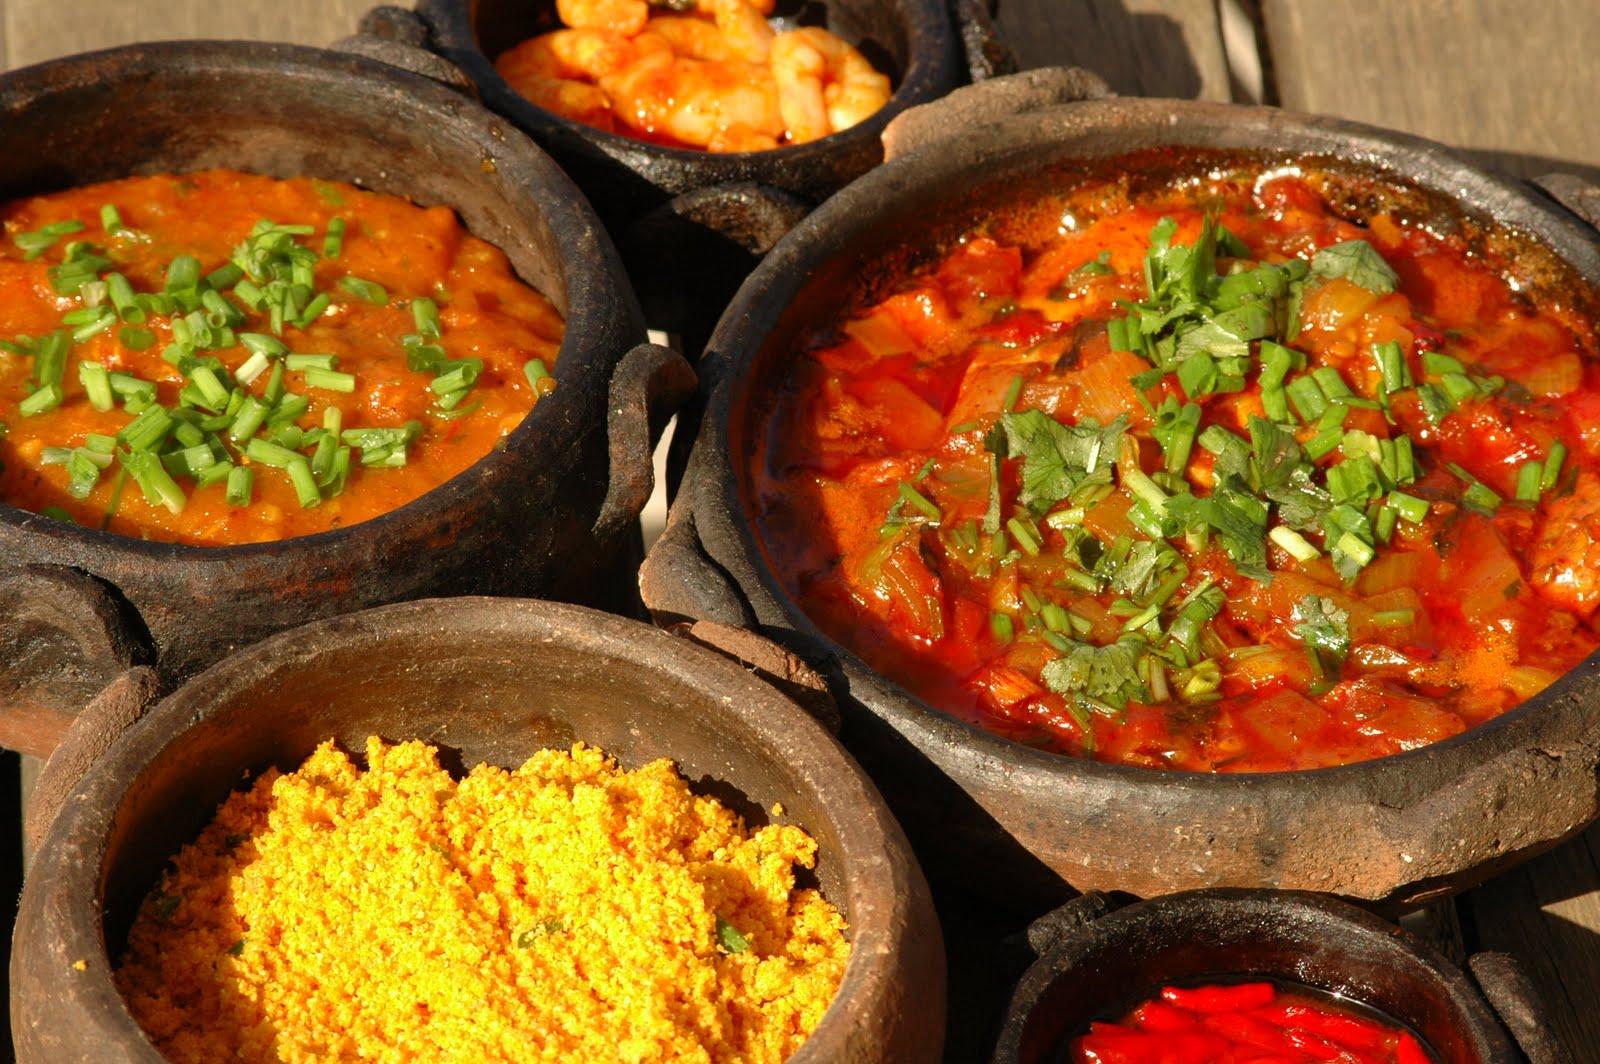 Comida baiana semana santa hotel don juan for Comida semana santa